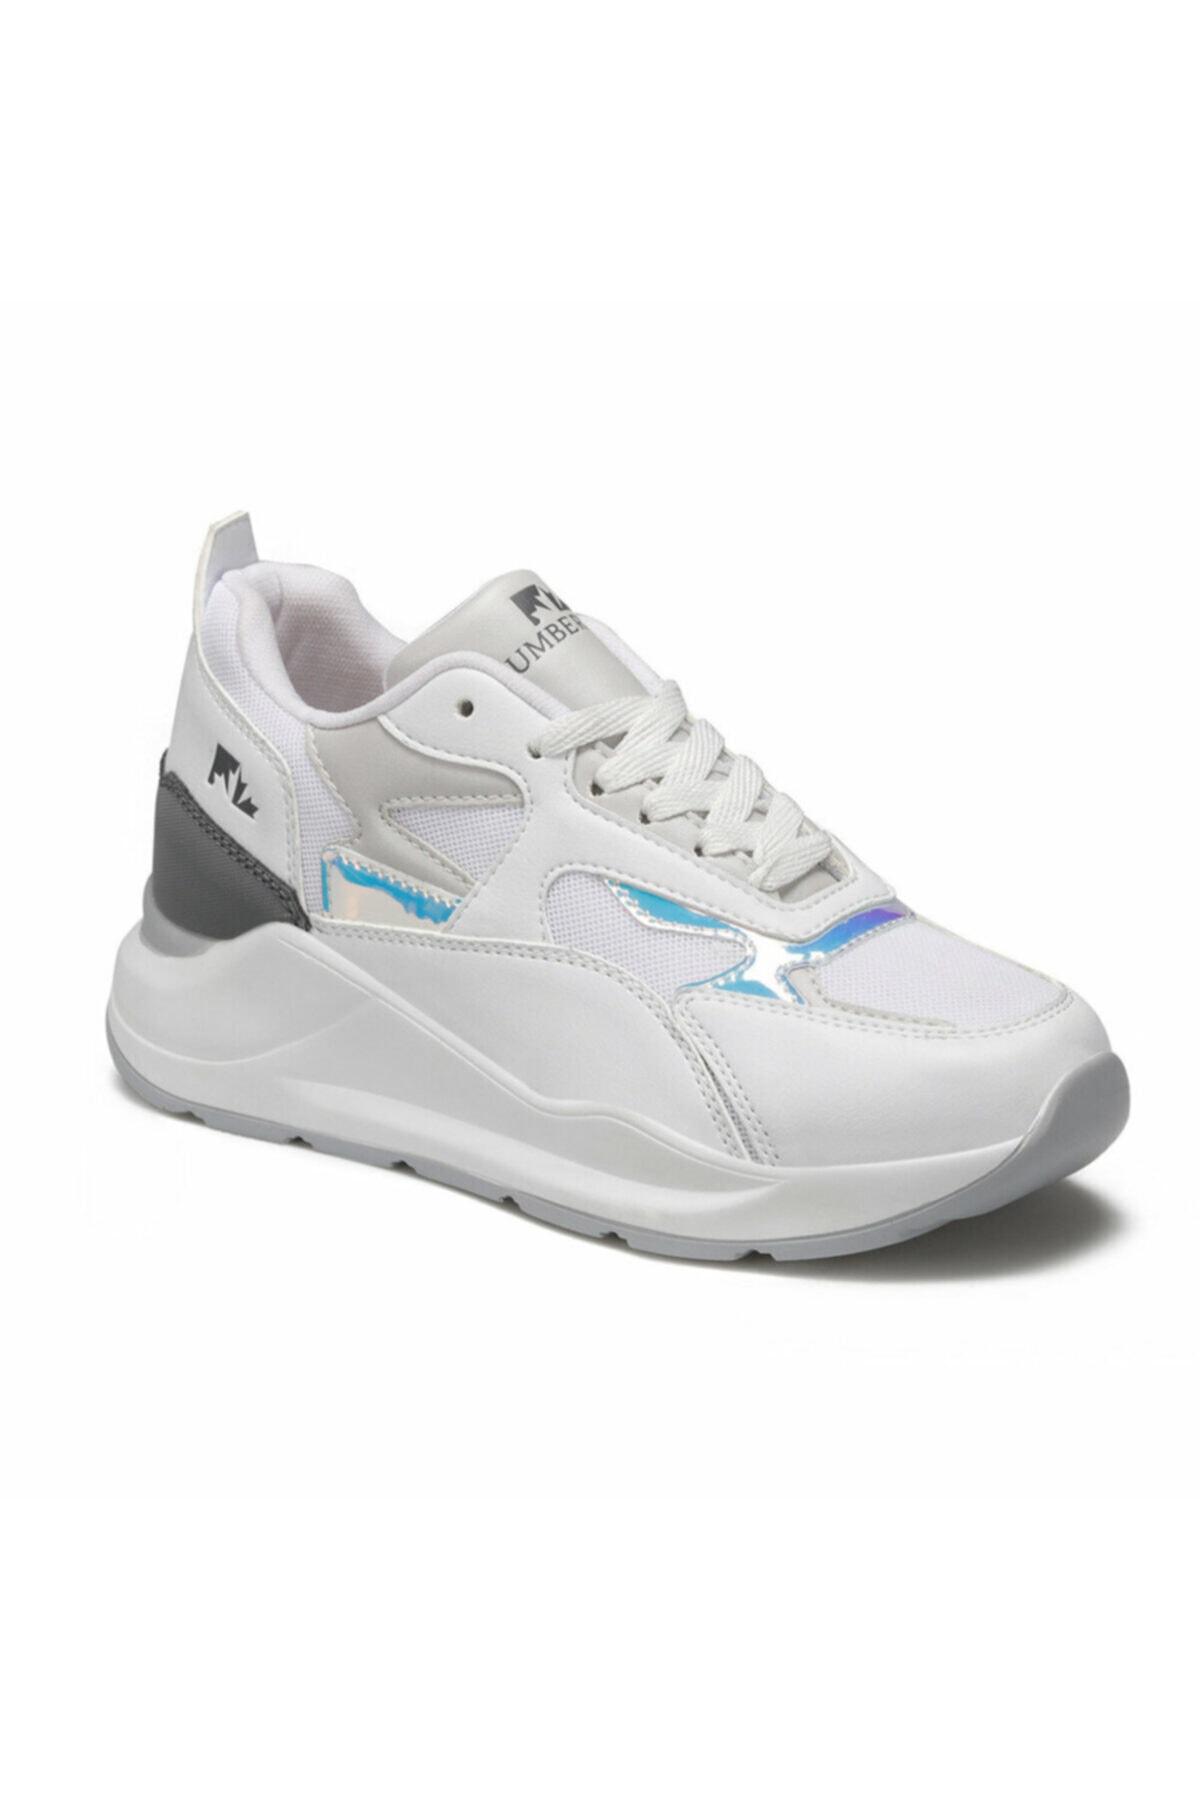 lumberjack NATALIE Beyaz Kadın Sneaker Ayakkabı 100501744 1